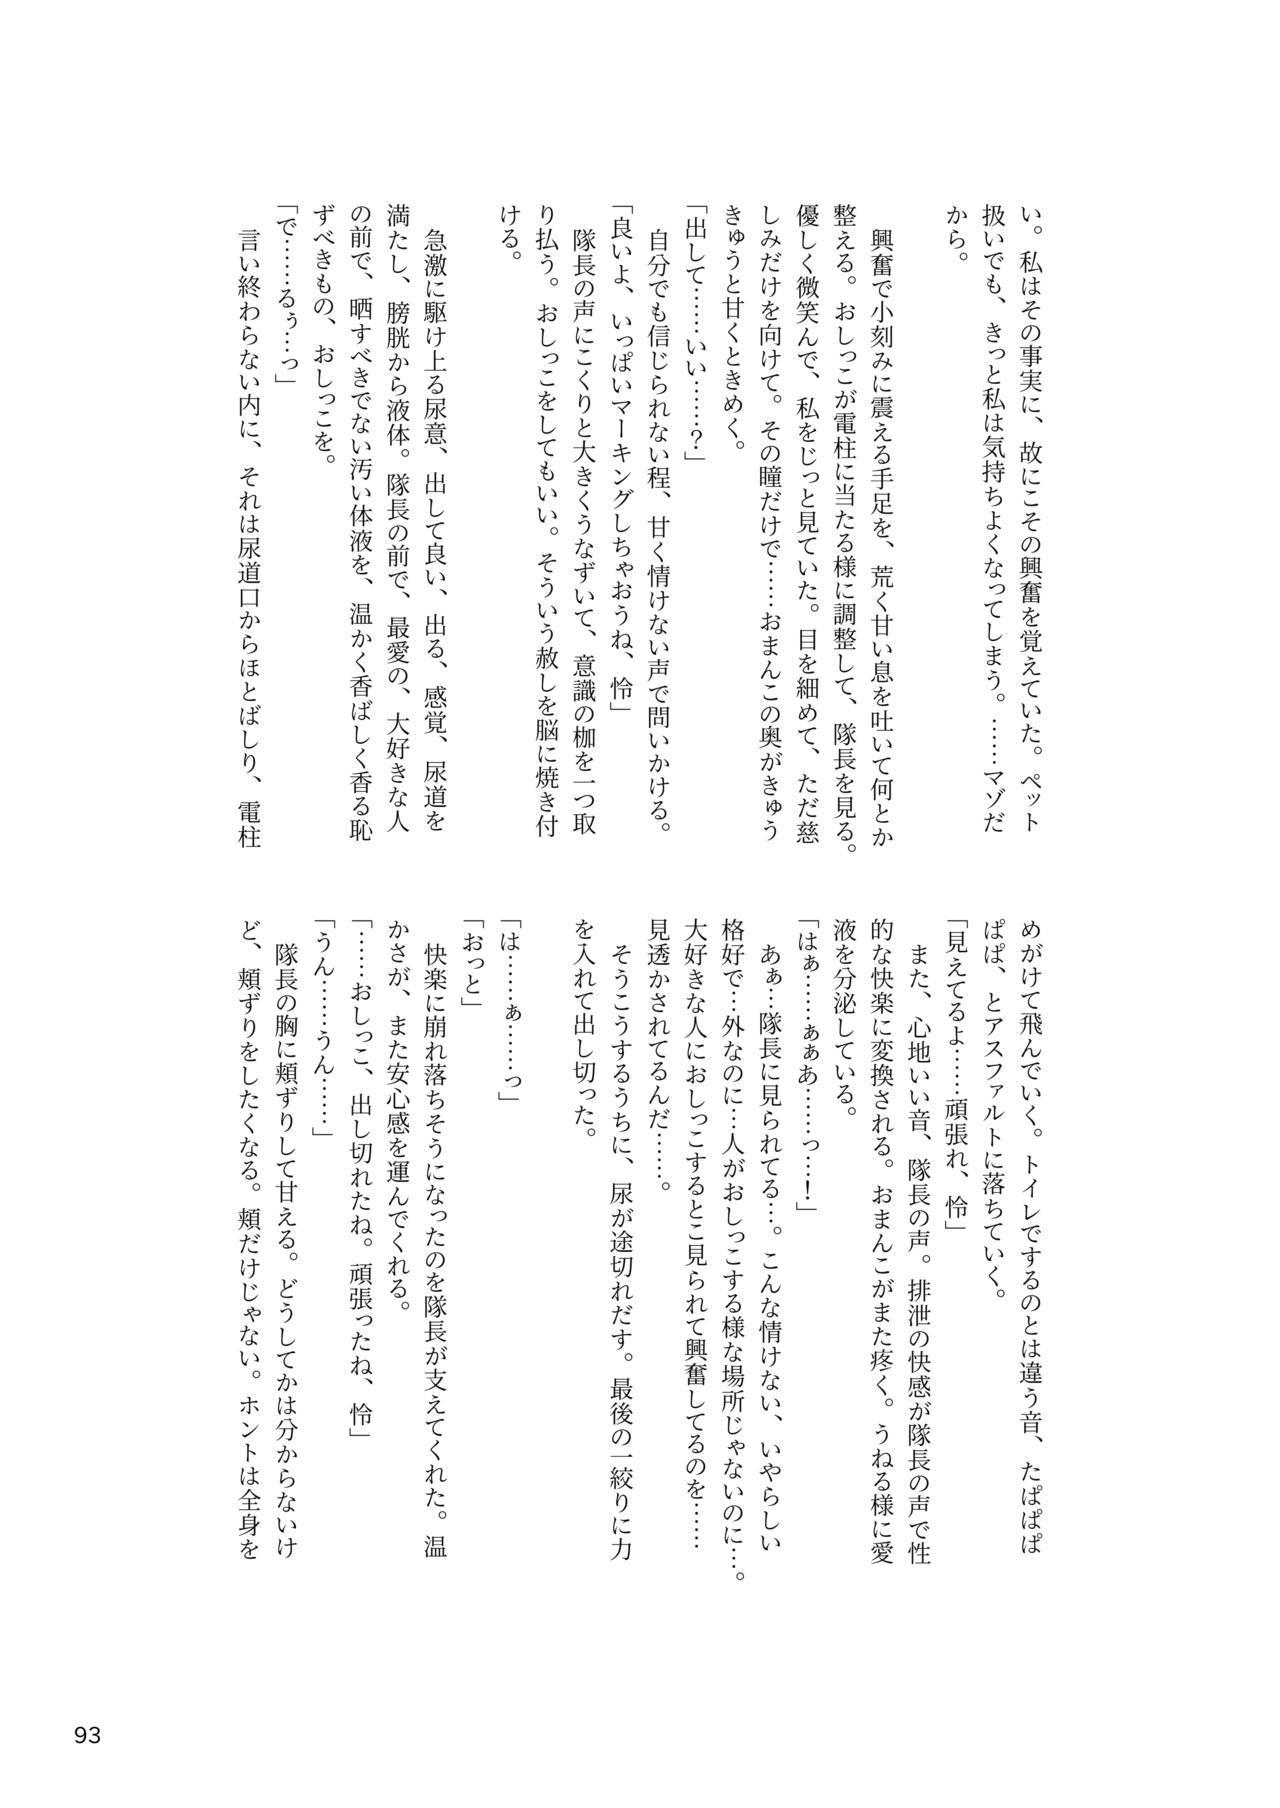 ア○スギア総合スカトロアンソロジー アクトレス排泄実態調査任務~スカポためるっすか!?~ 92